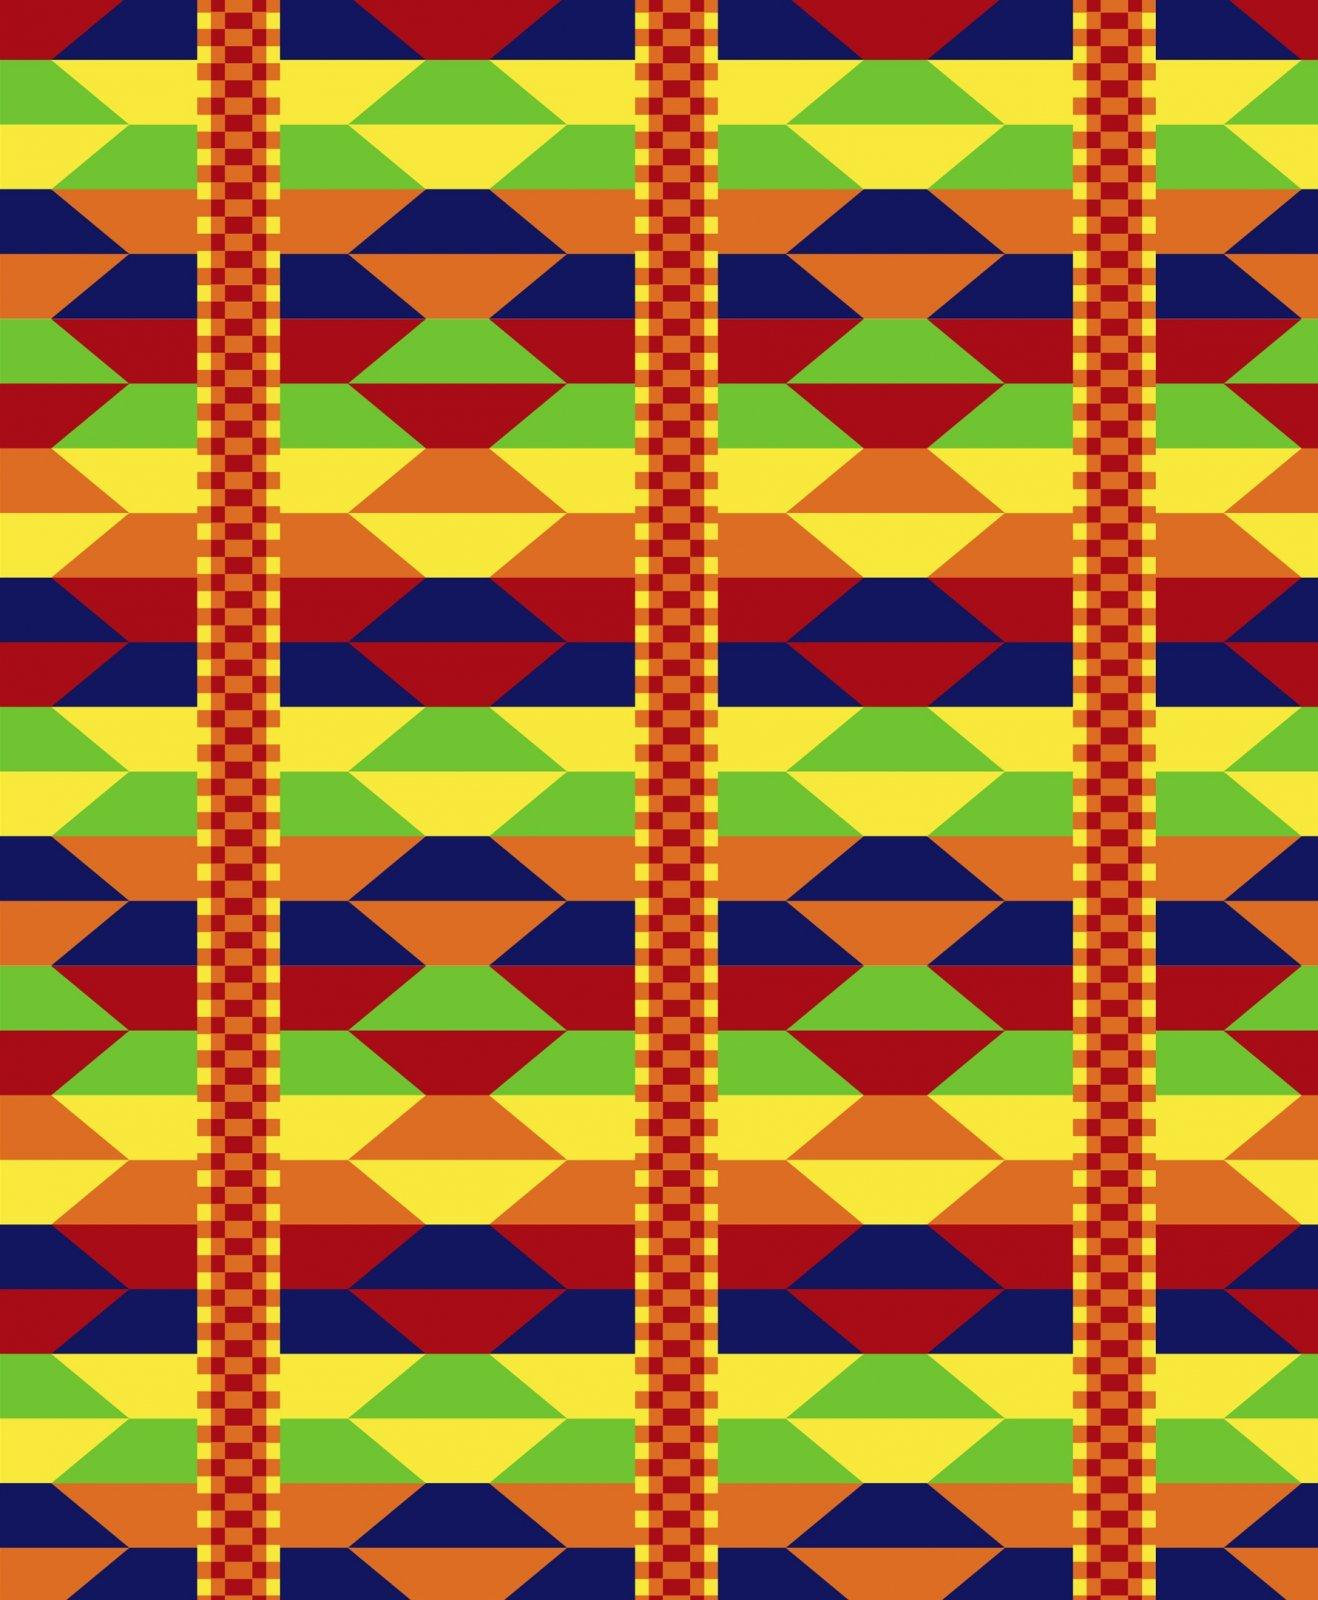 DT-Exclusive Digital Prints DX-2115-0C-1 Multi - Akan Weave